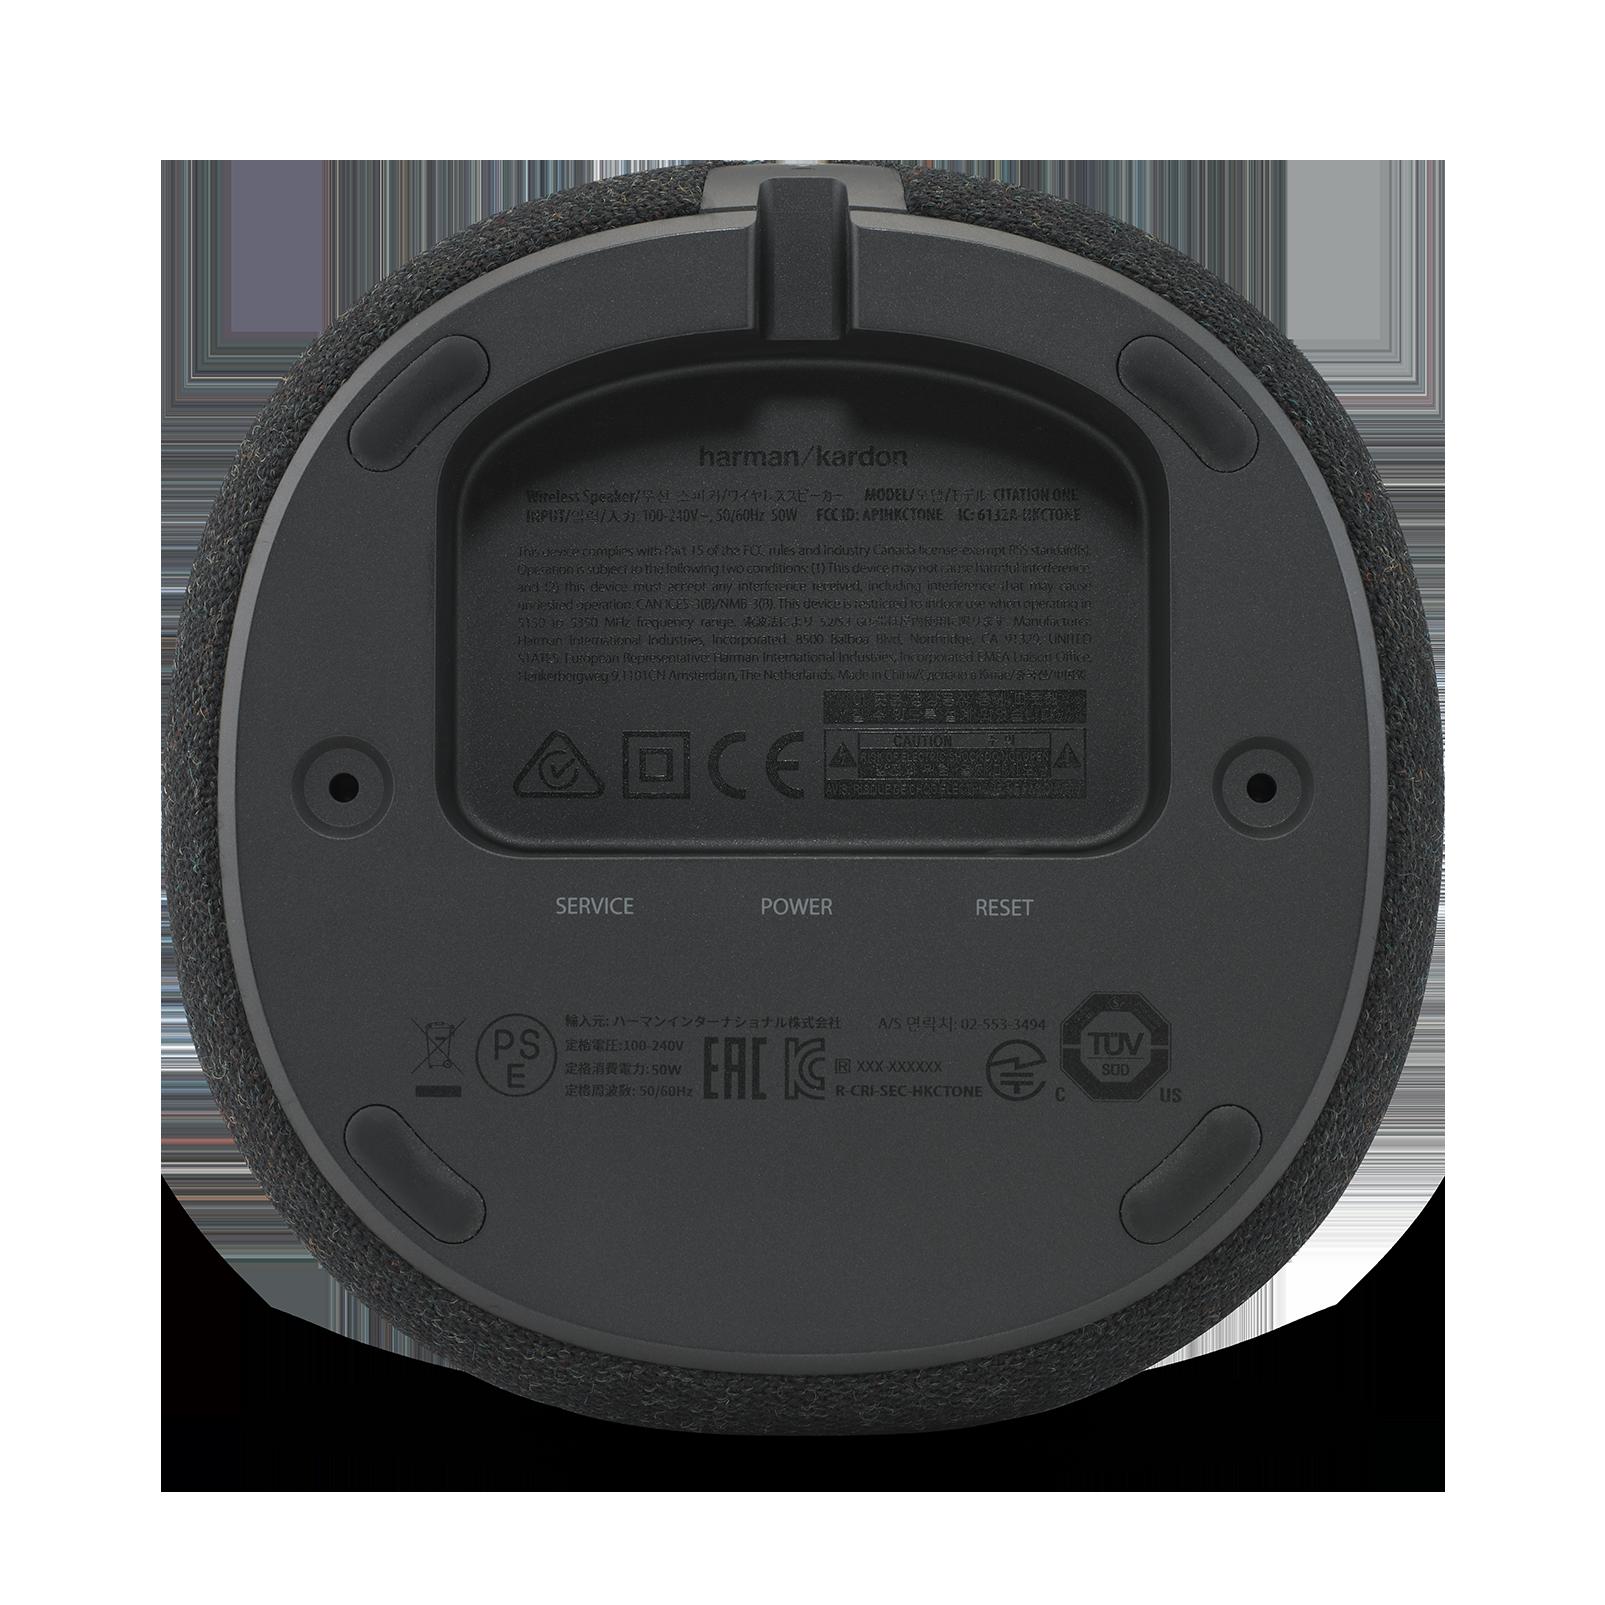 Harman Kardon Citation One MKII - Black - All-in-one smart speaker with room-filling sound - Detailshot 2